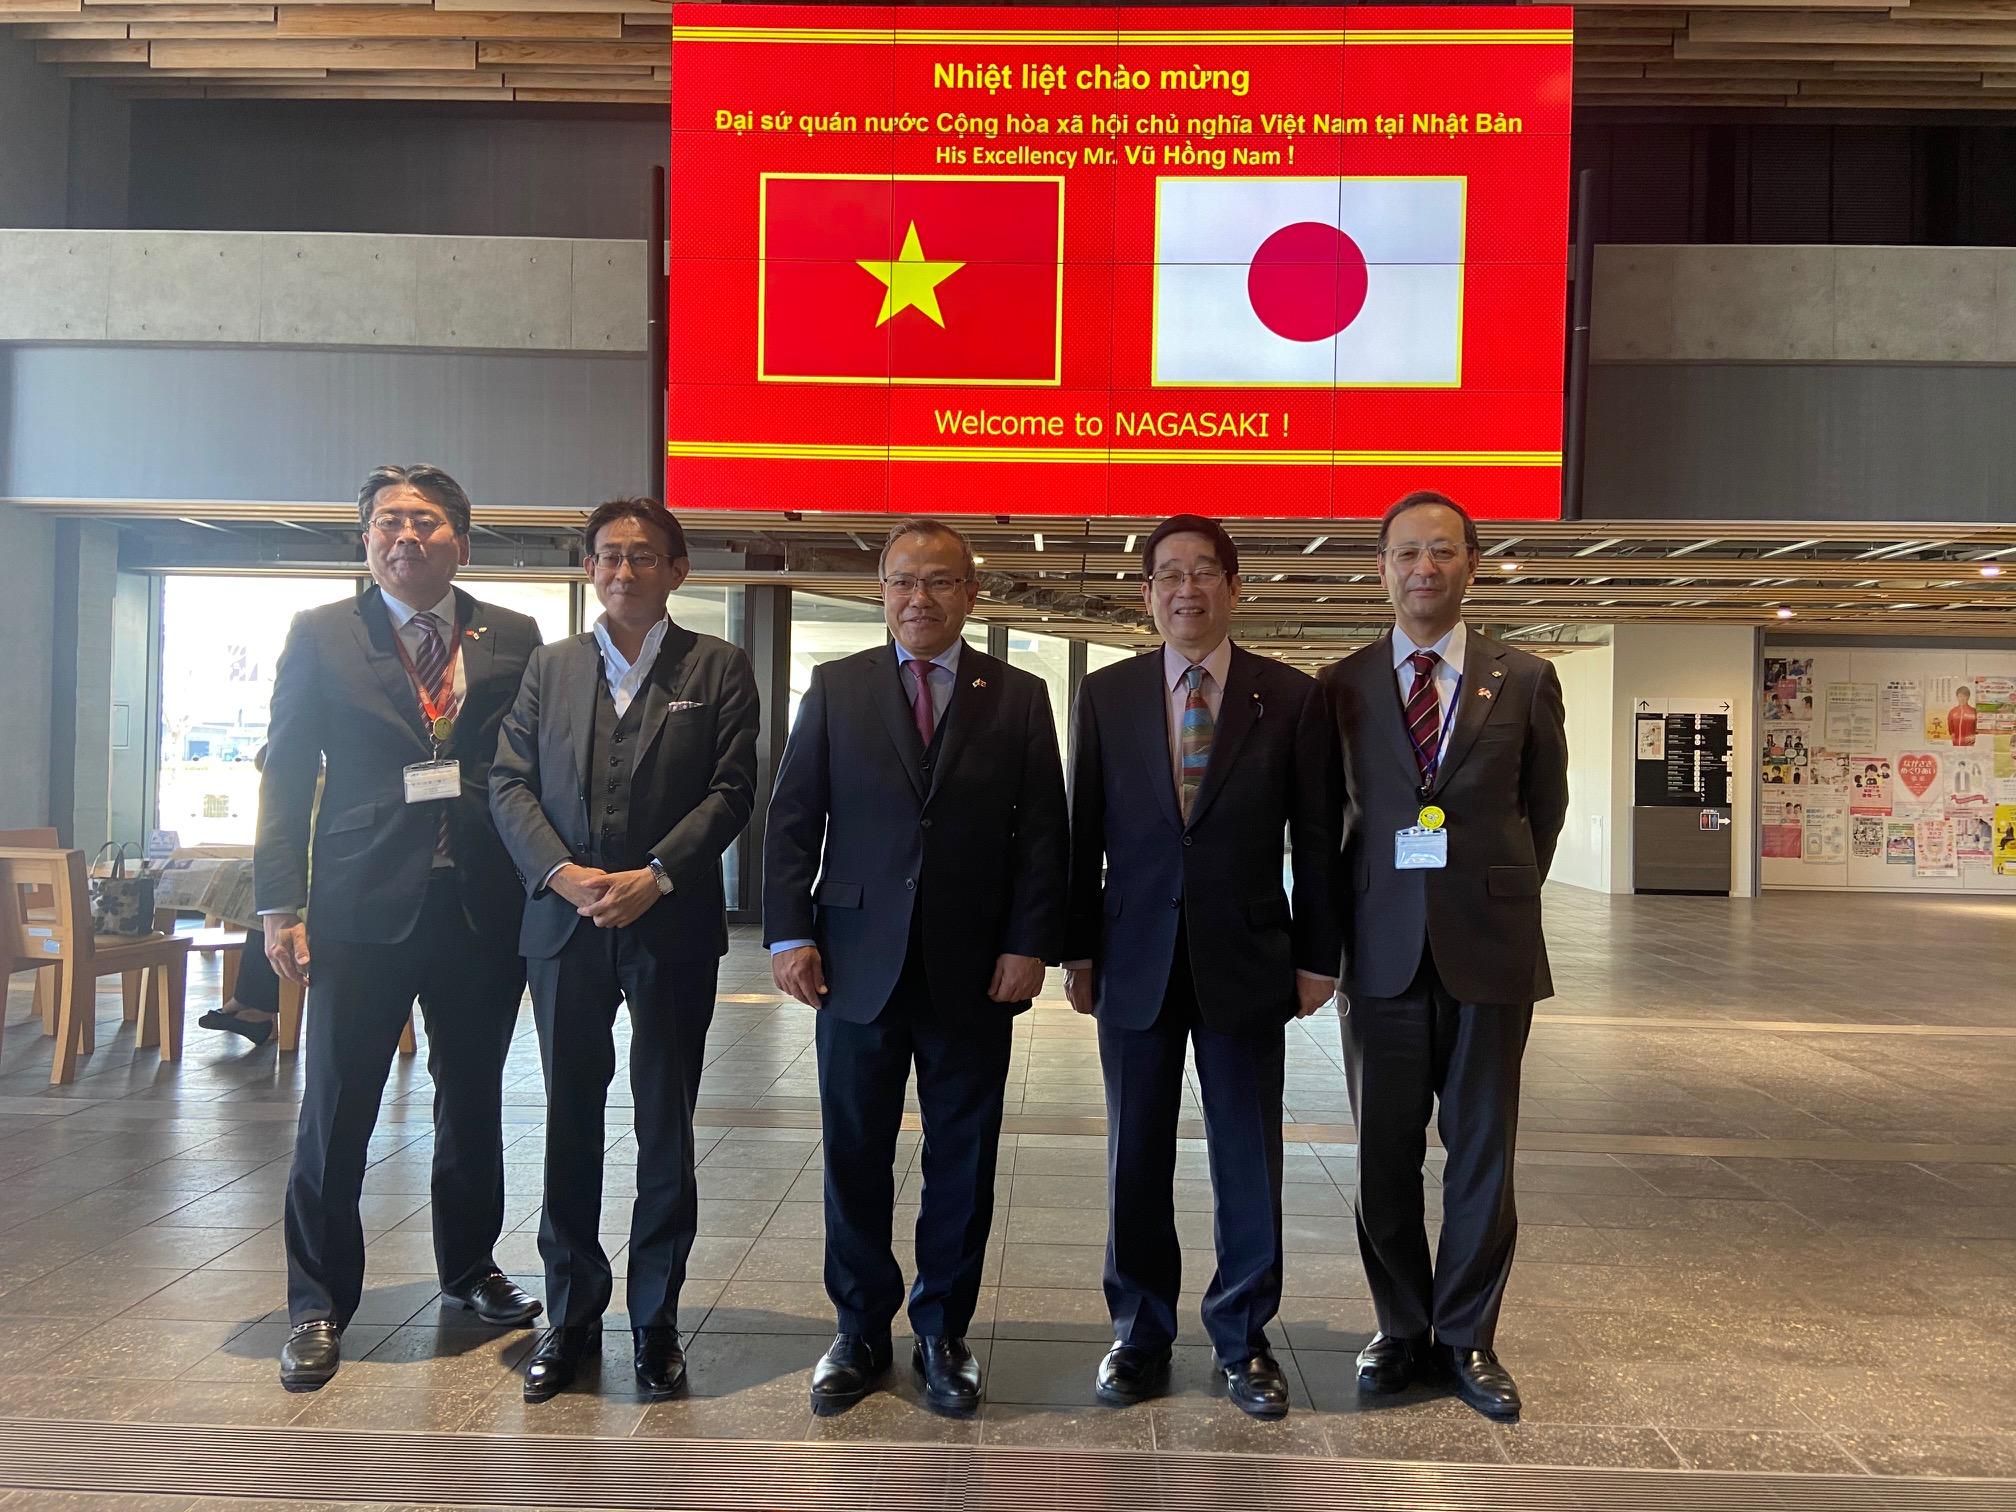 Đại sứ Vũ Hồng Nam thăm chính thức tỉnh Nagasaki